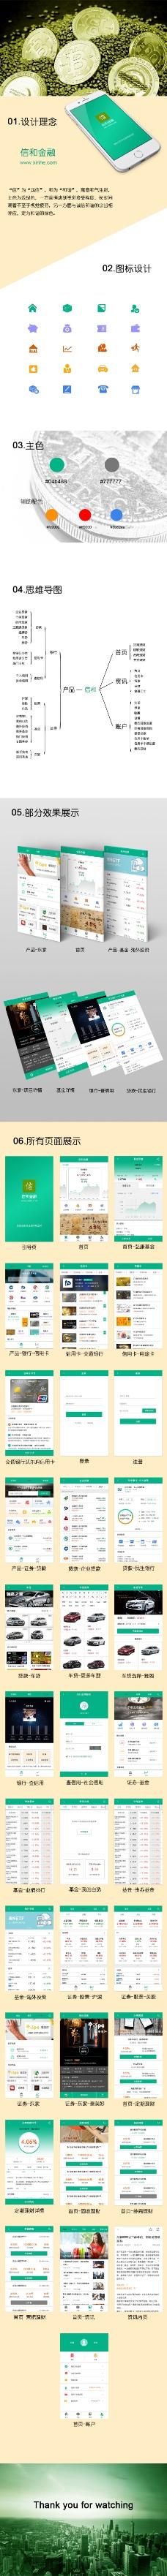 金融app设计套装界面设计